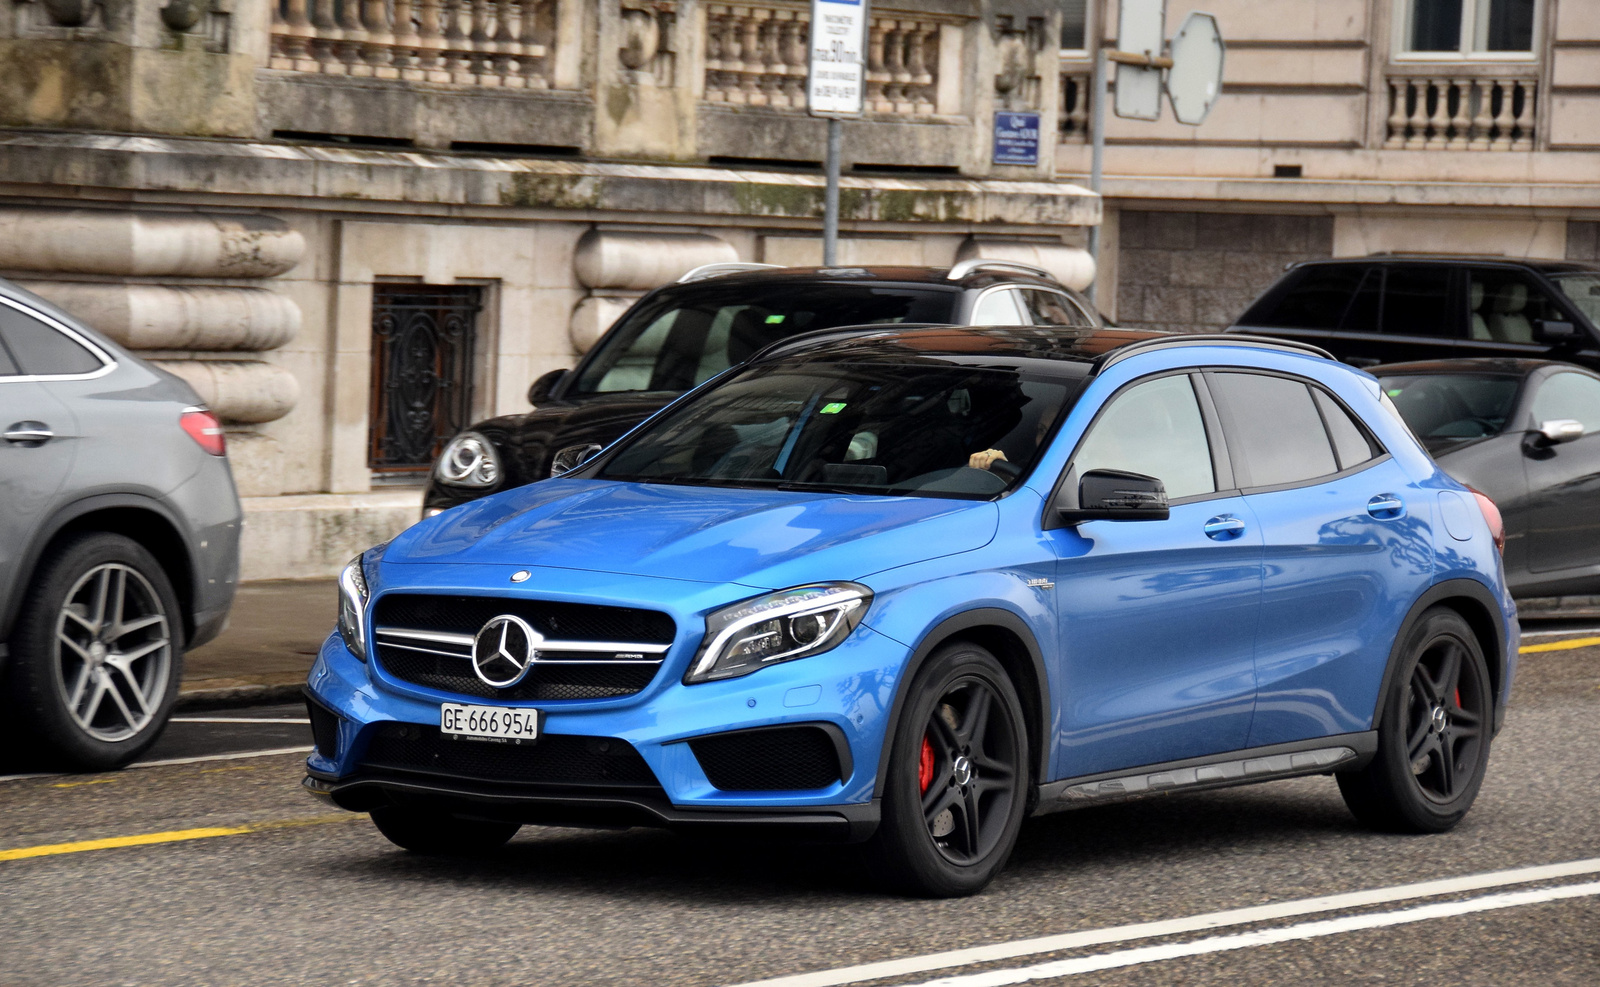 Mercedes-AMG GLA 45